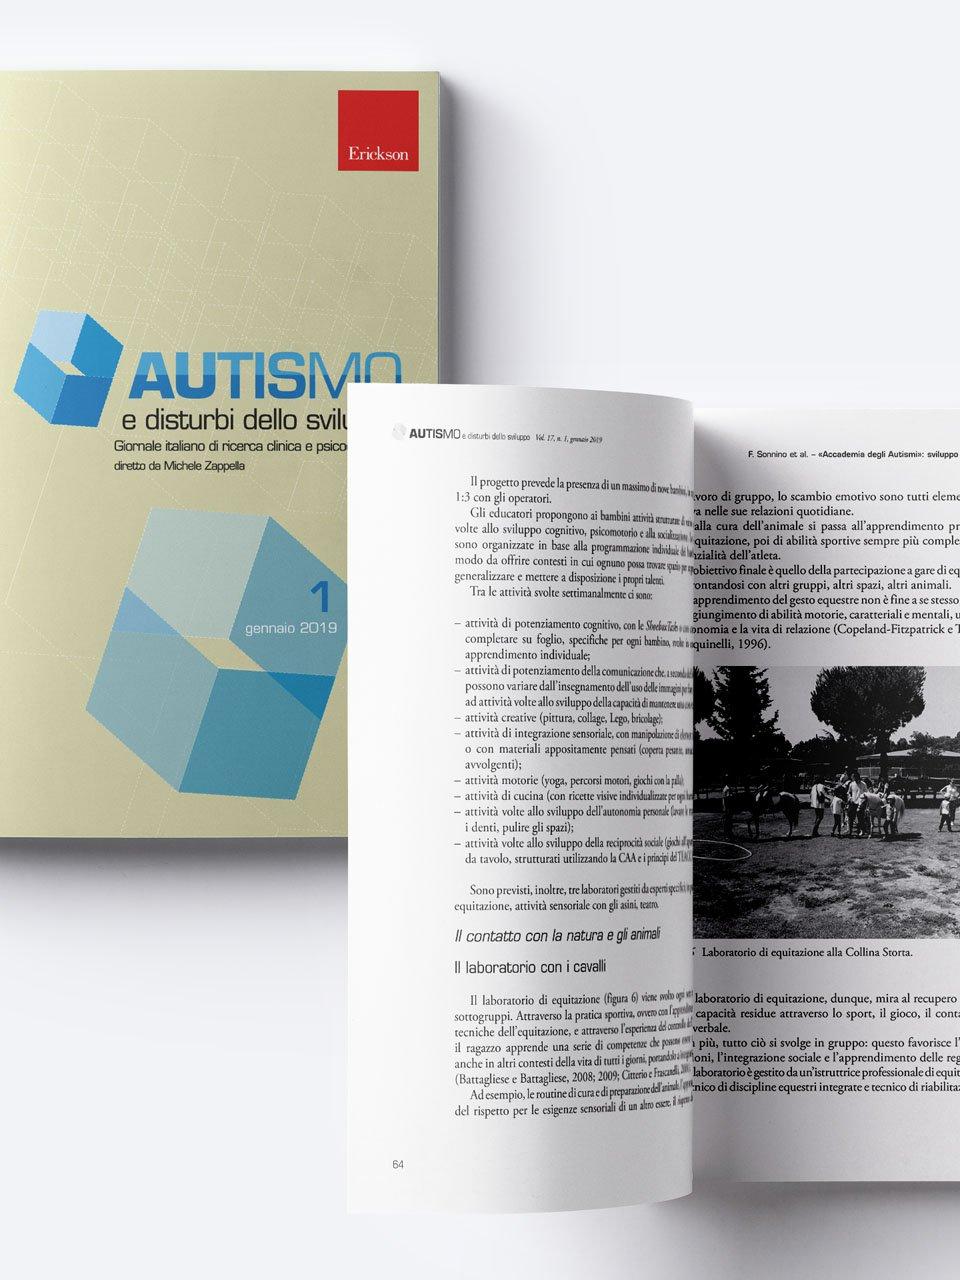 Autismo e disturbi dello sviluppo - Riviste - Erickson 3